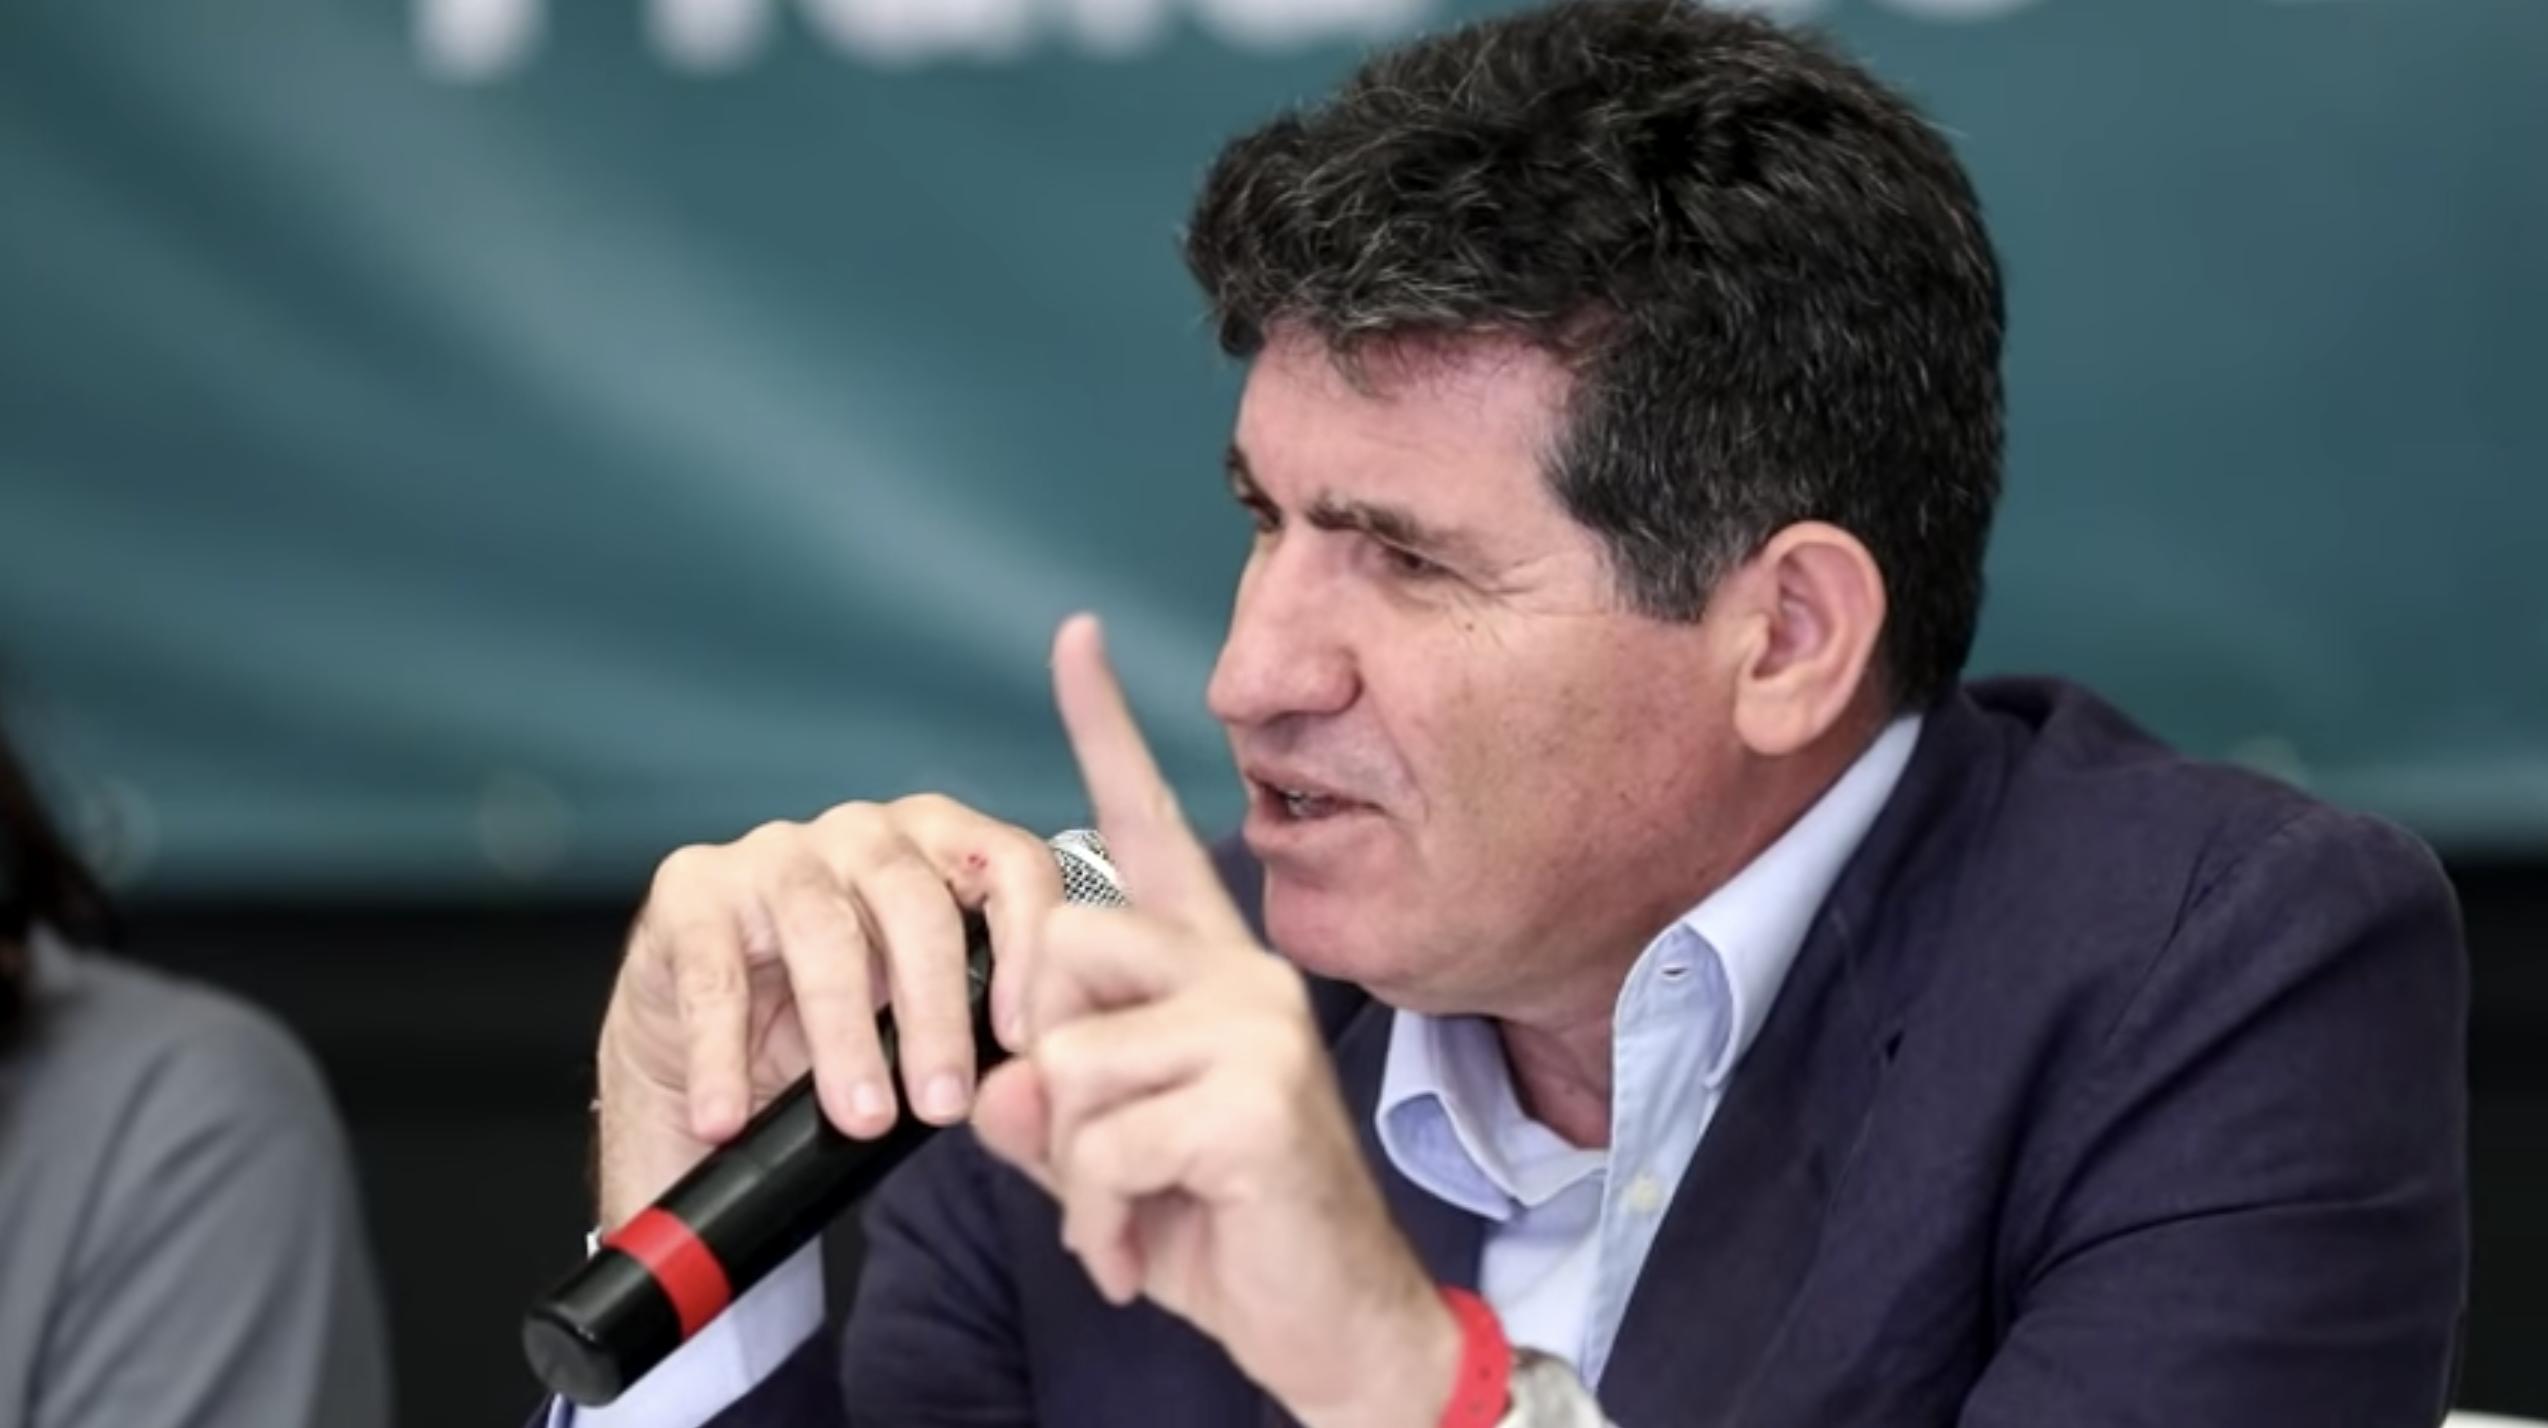 Analista do Diap prevê Haddad com 22%, no segundo turno provavelmente contra Bolsonaro; ouça a entrevista